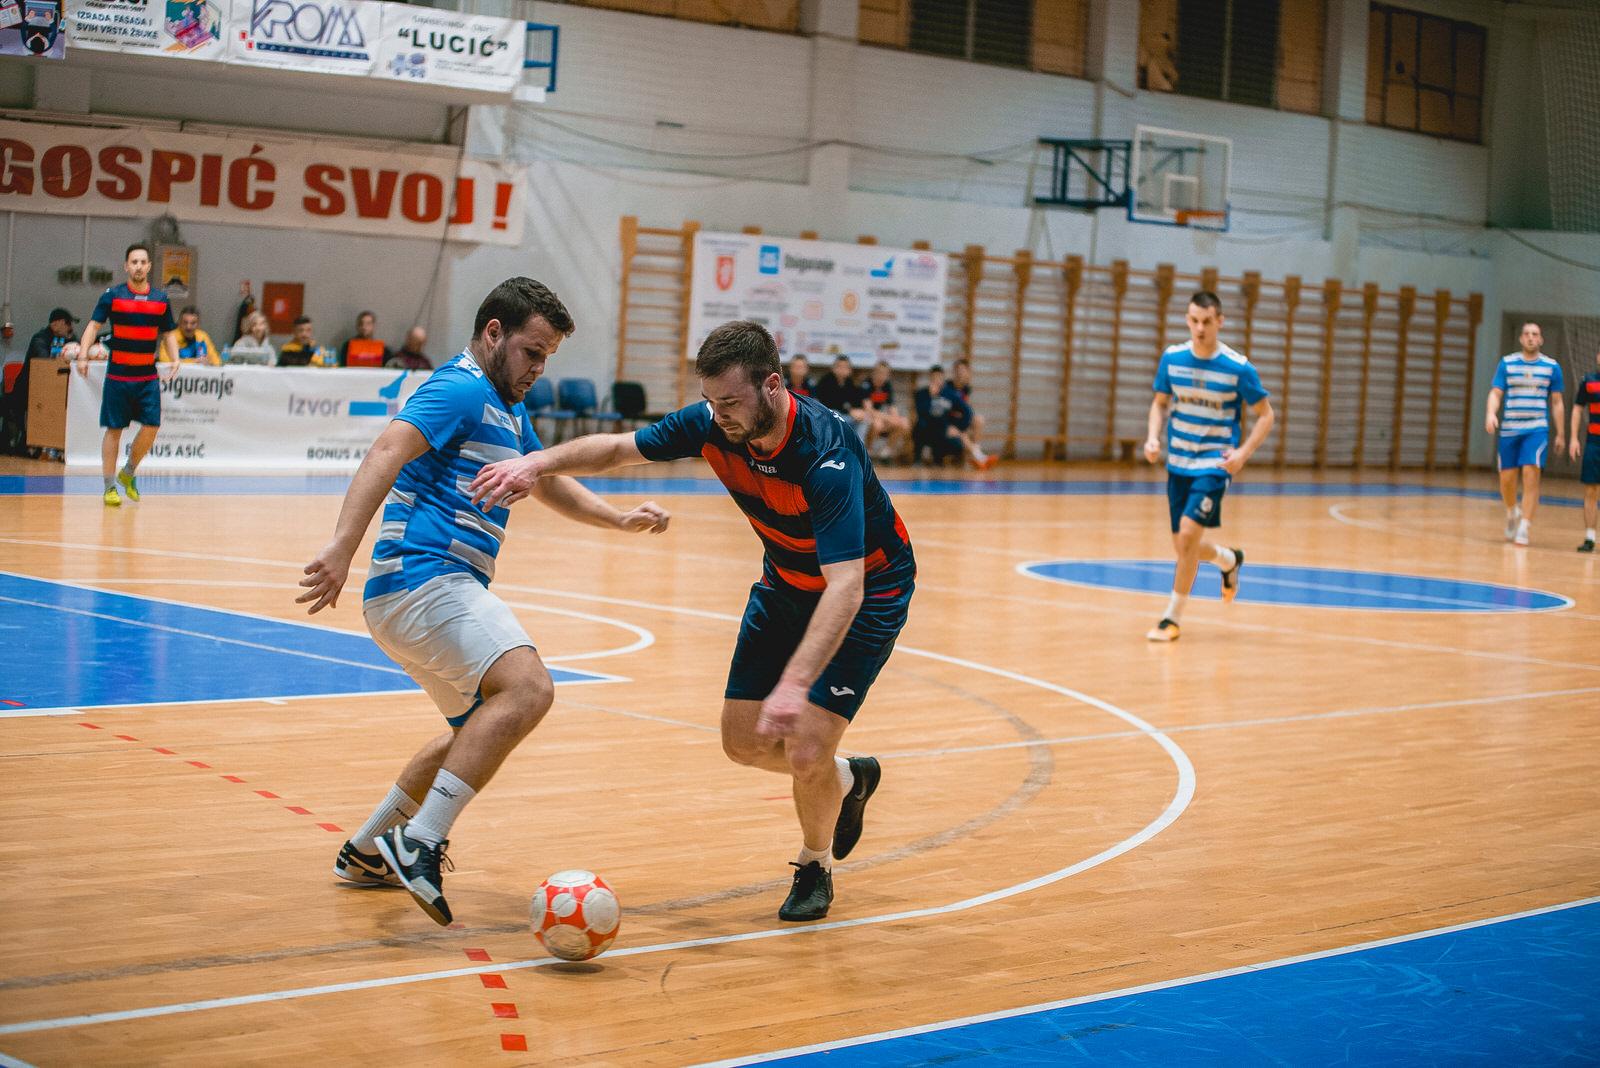 likaclub_gospić_zimski-malonogometni-turnir-2018-19-33-1